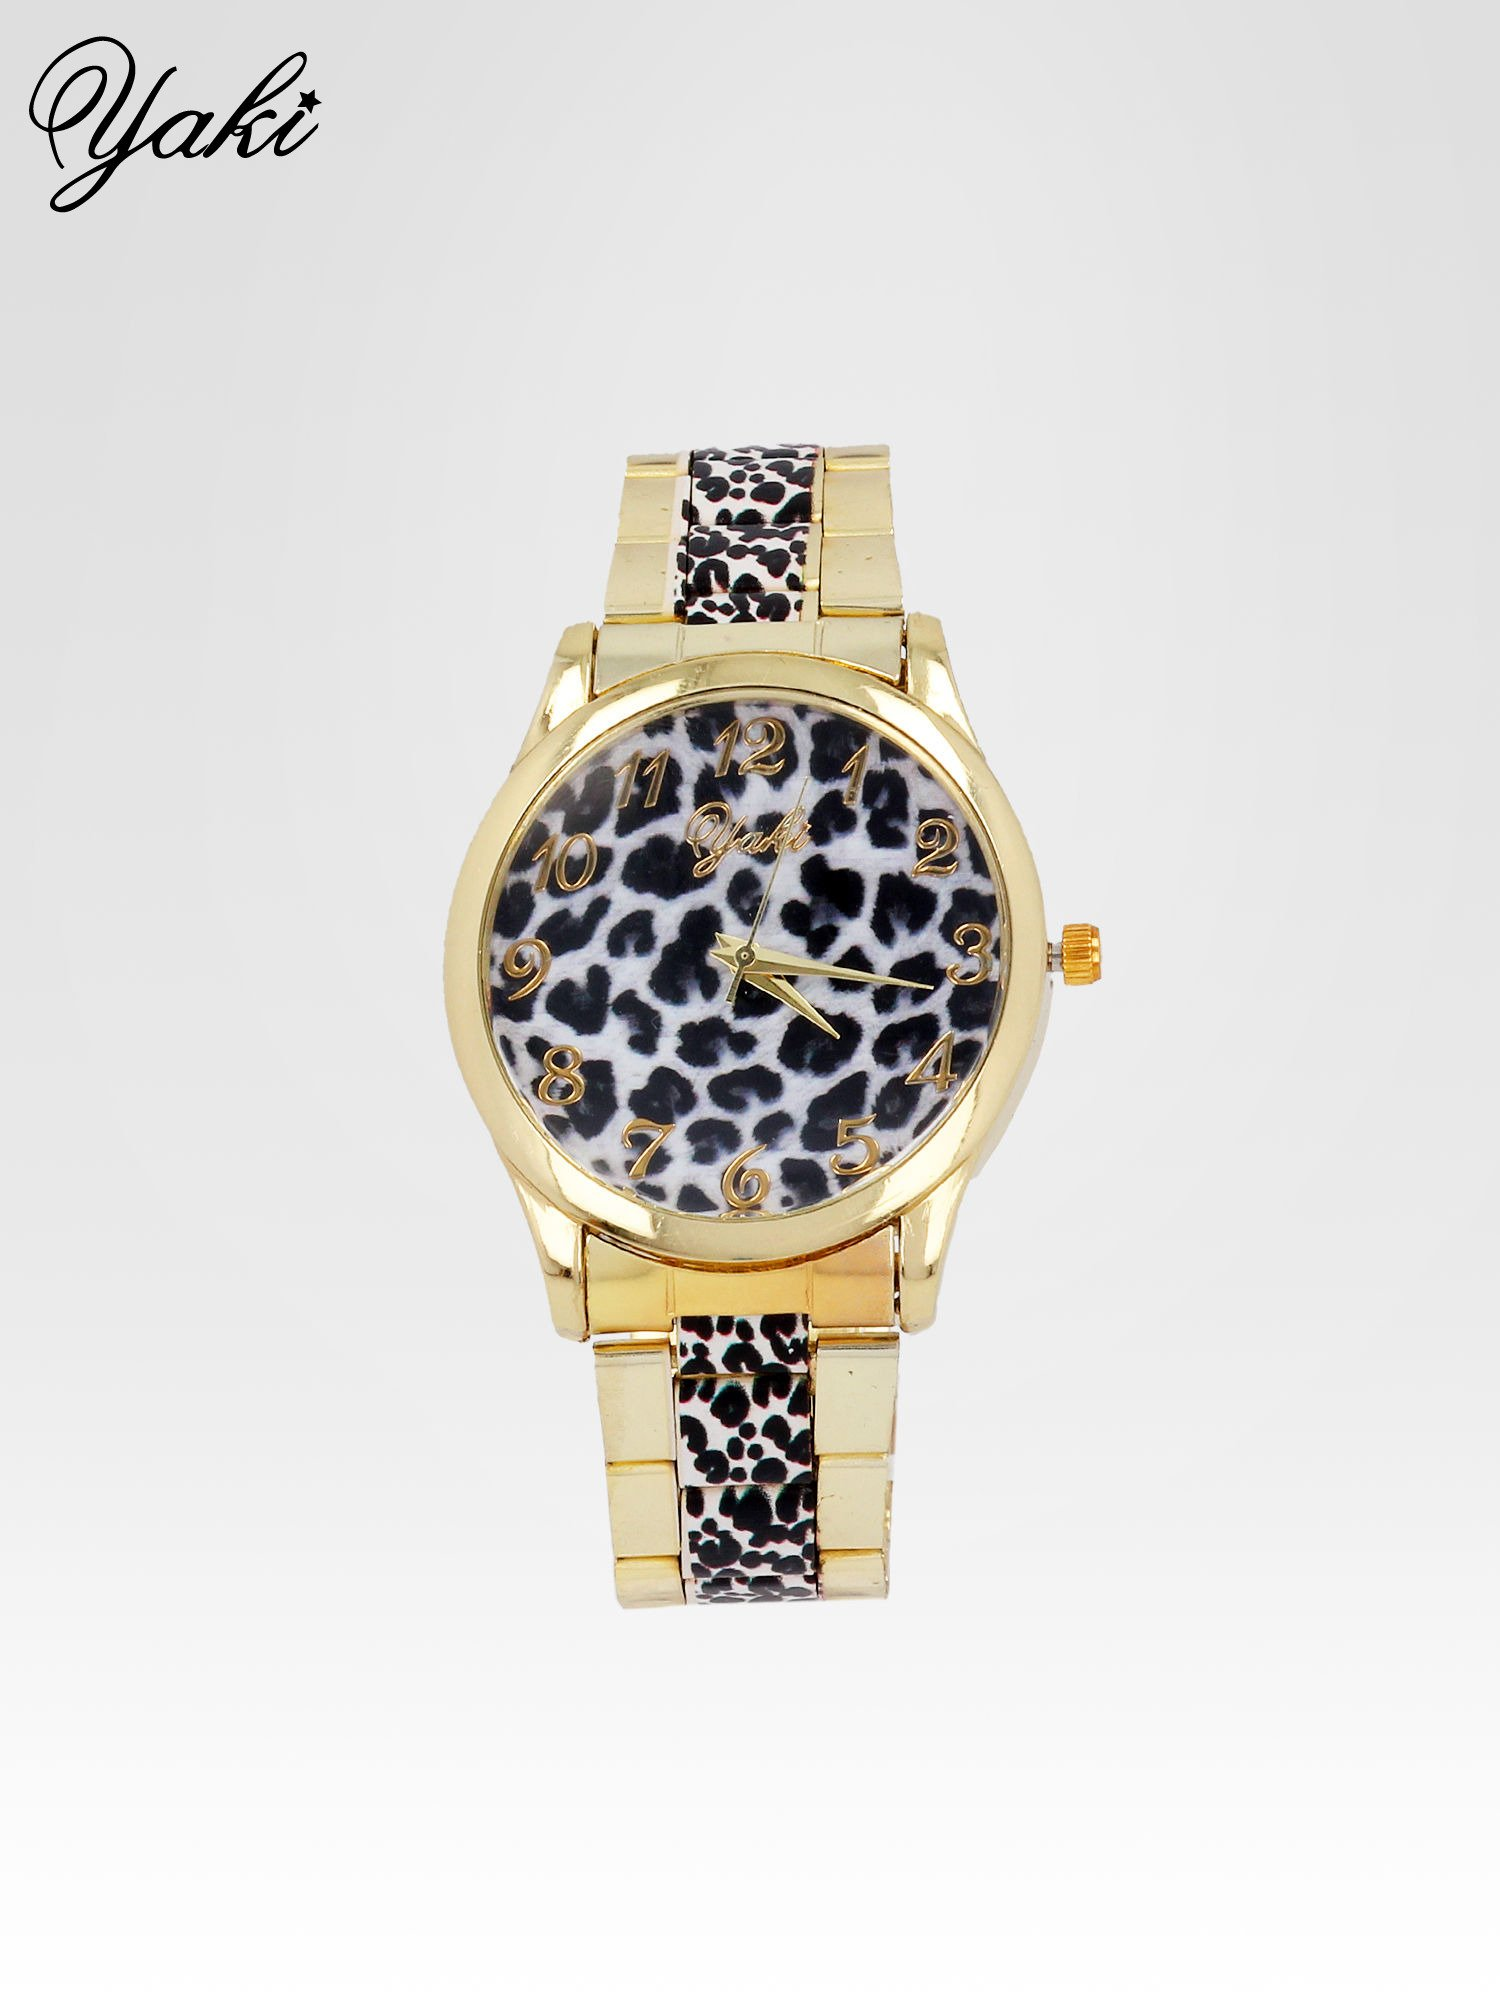 Złoty zegarek damski na bransolecie z motywem panterkowym                                  zdj.                                  1